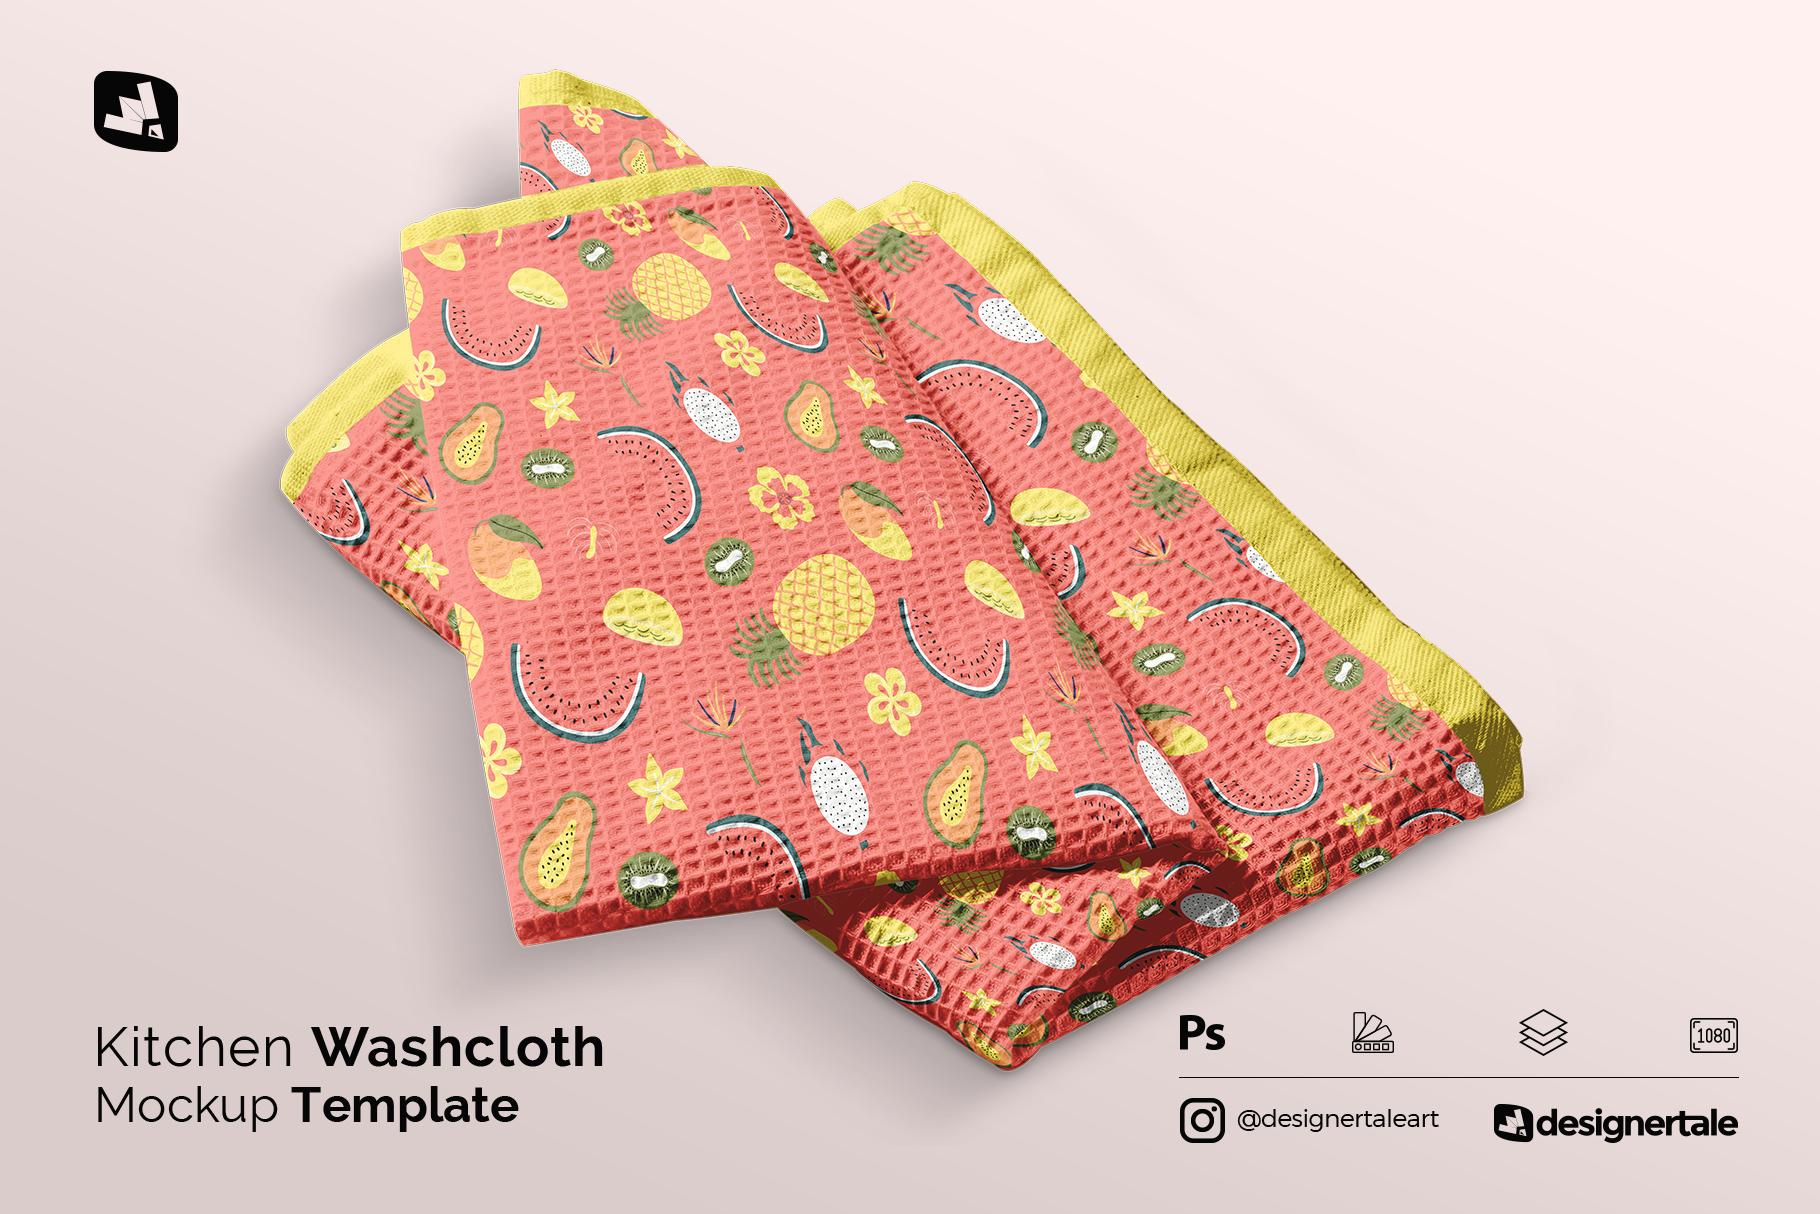 kitchen washcloth mockup